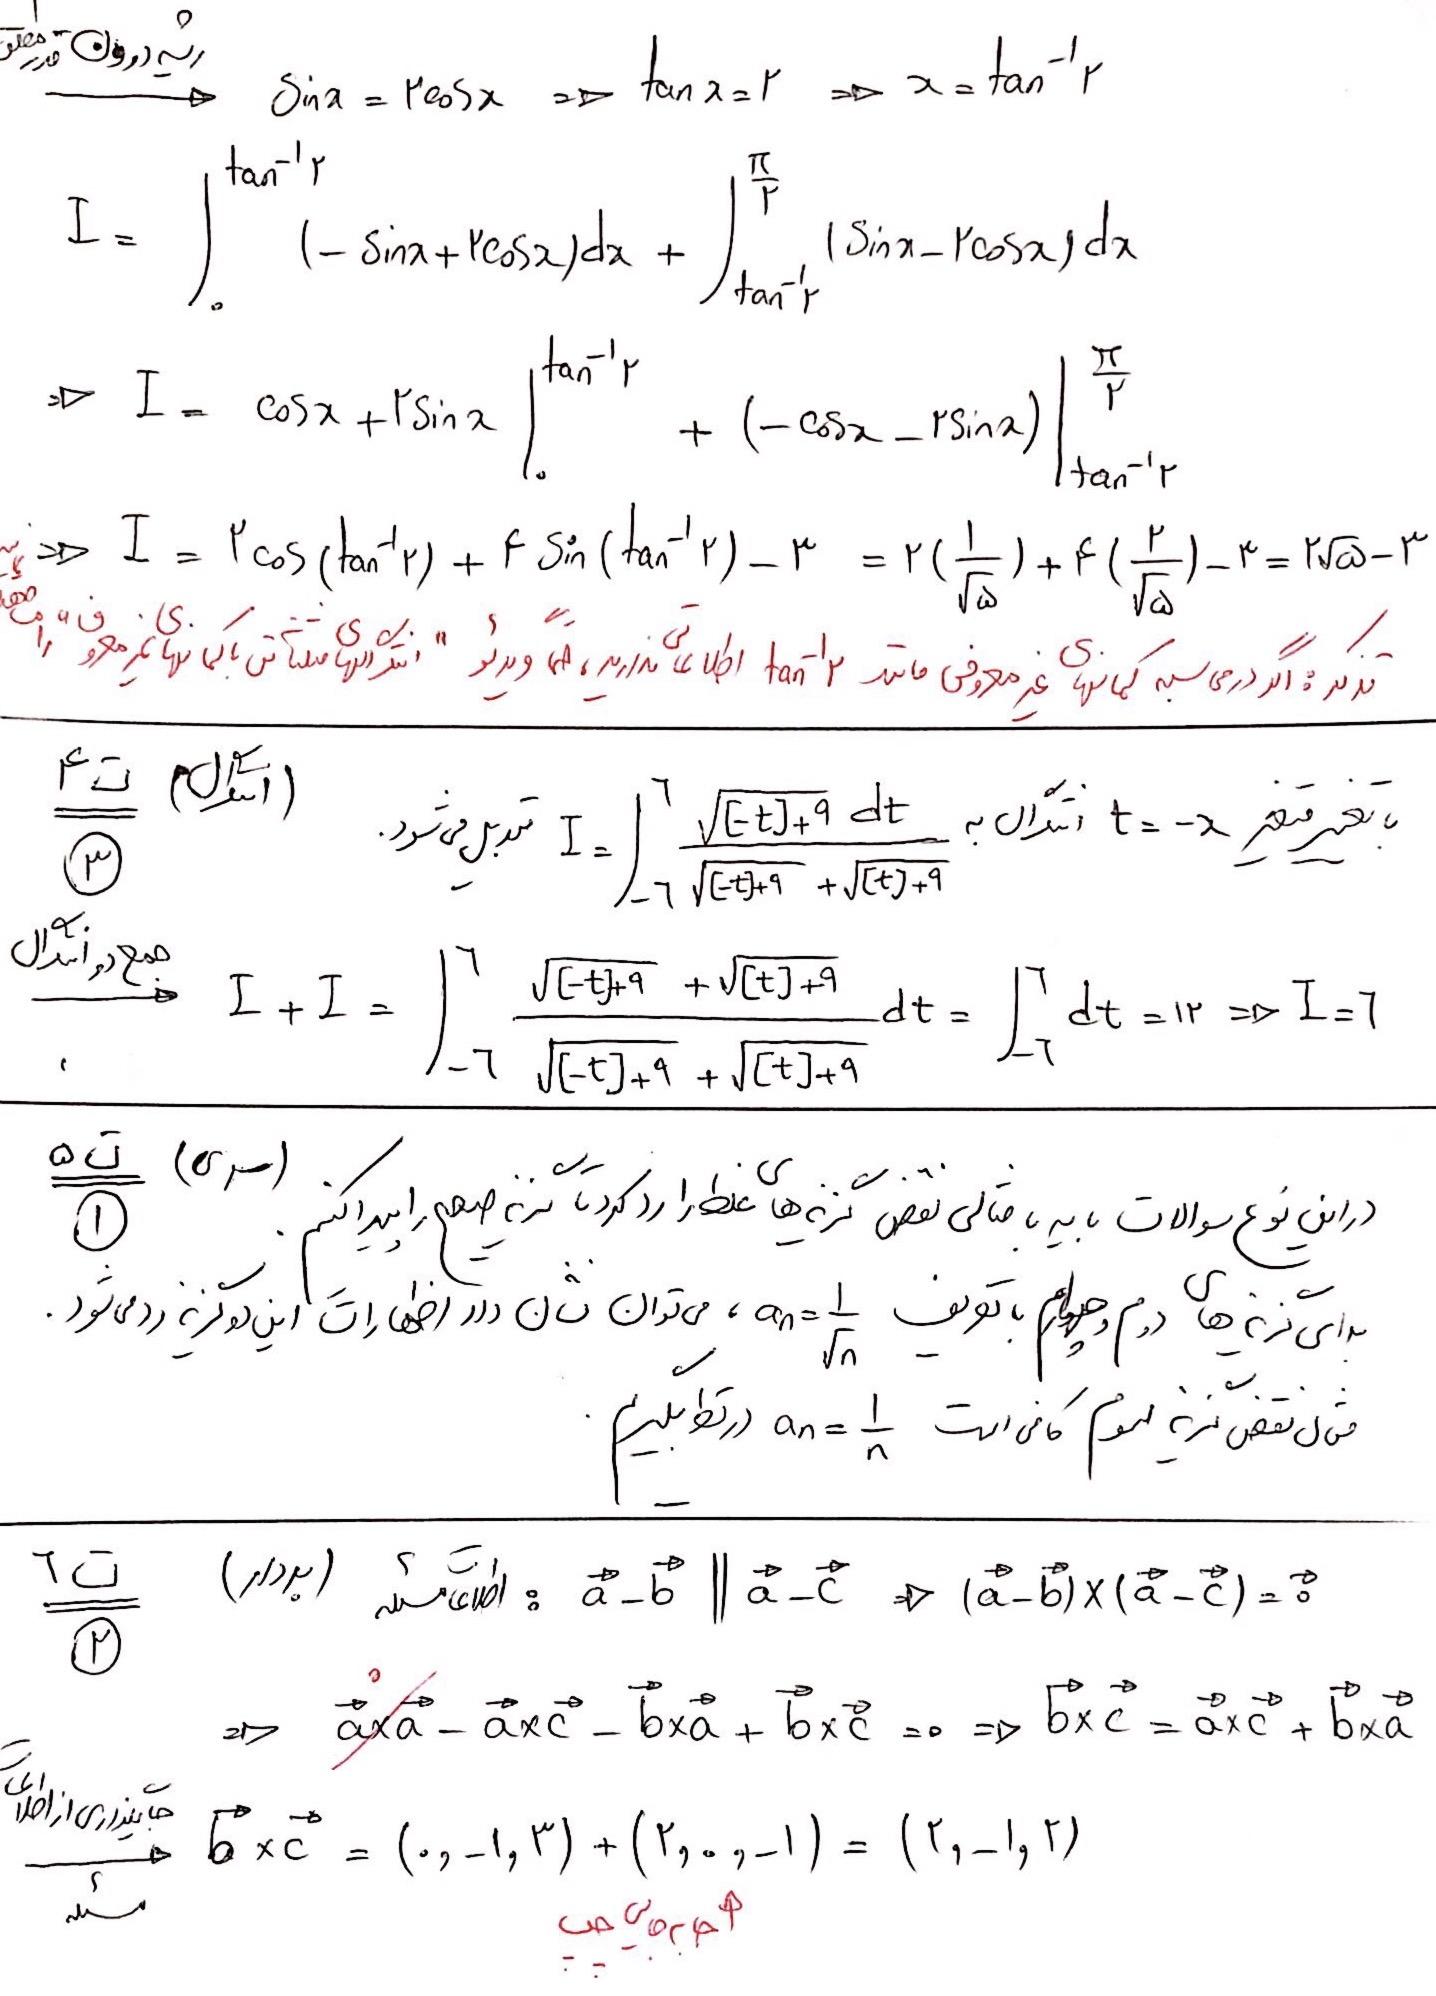 پاسخنامه تشریحی ریاضی سیستم 96 (صنایع 96)